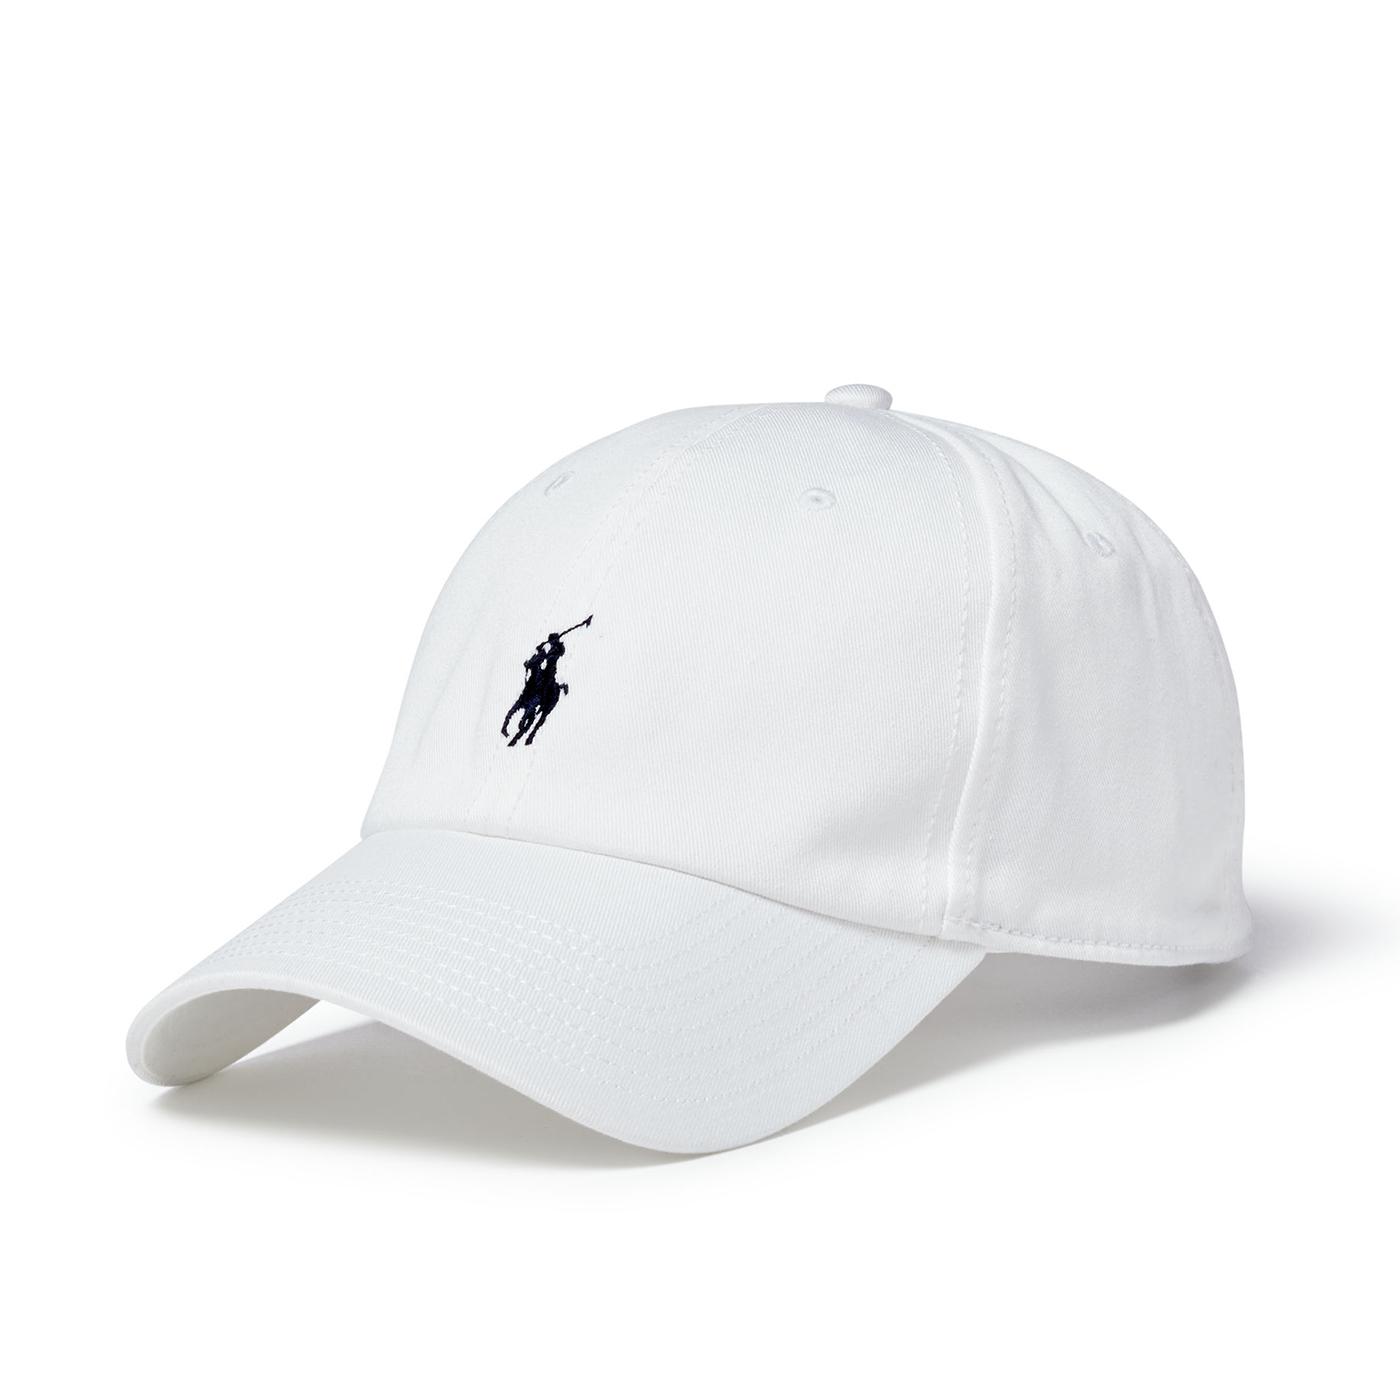 美國百分百【Ralph Lauren】帽子 老帽 RL 配件 棒球帽 Polo 小馬 帆布 白色 深藍小馬 A732